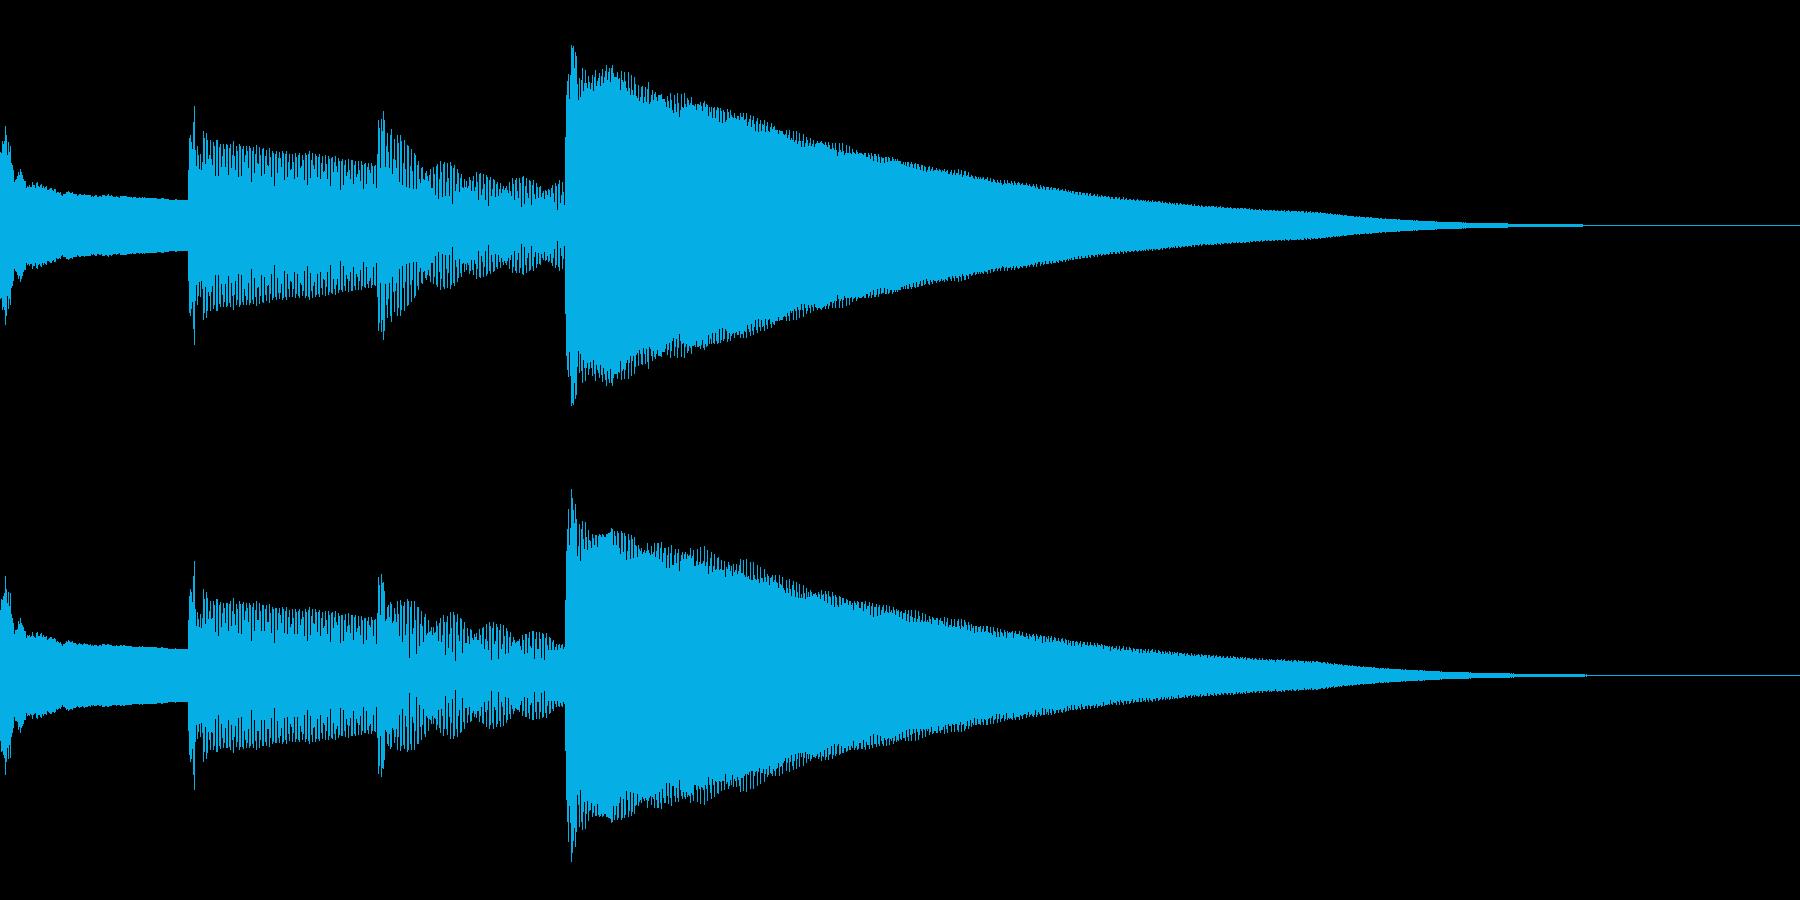 呼び出しベル 上昇(ピンポンパンポーン)の再生済みの波形